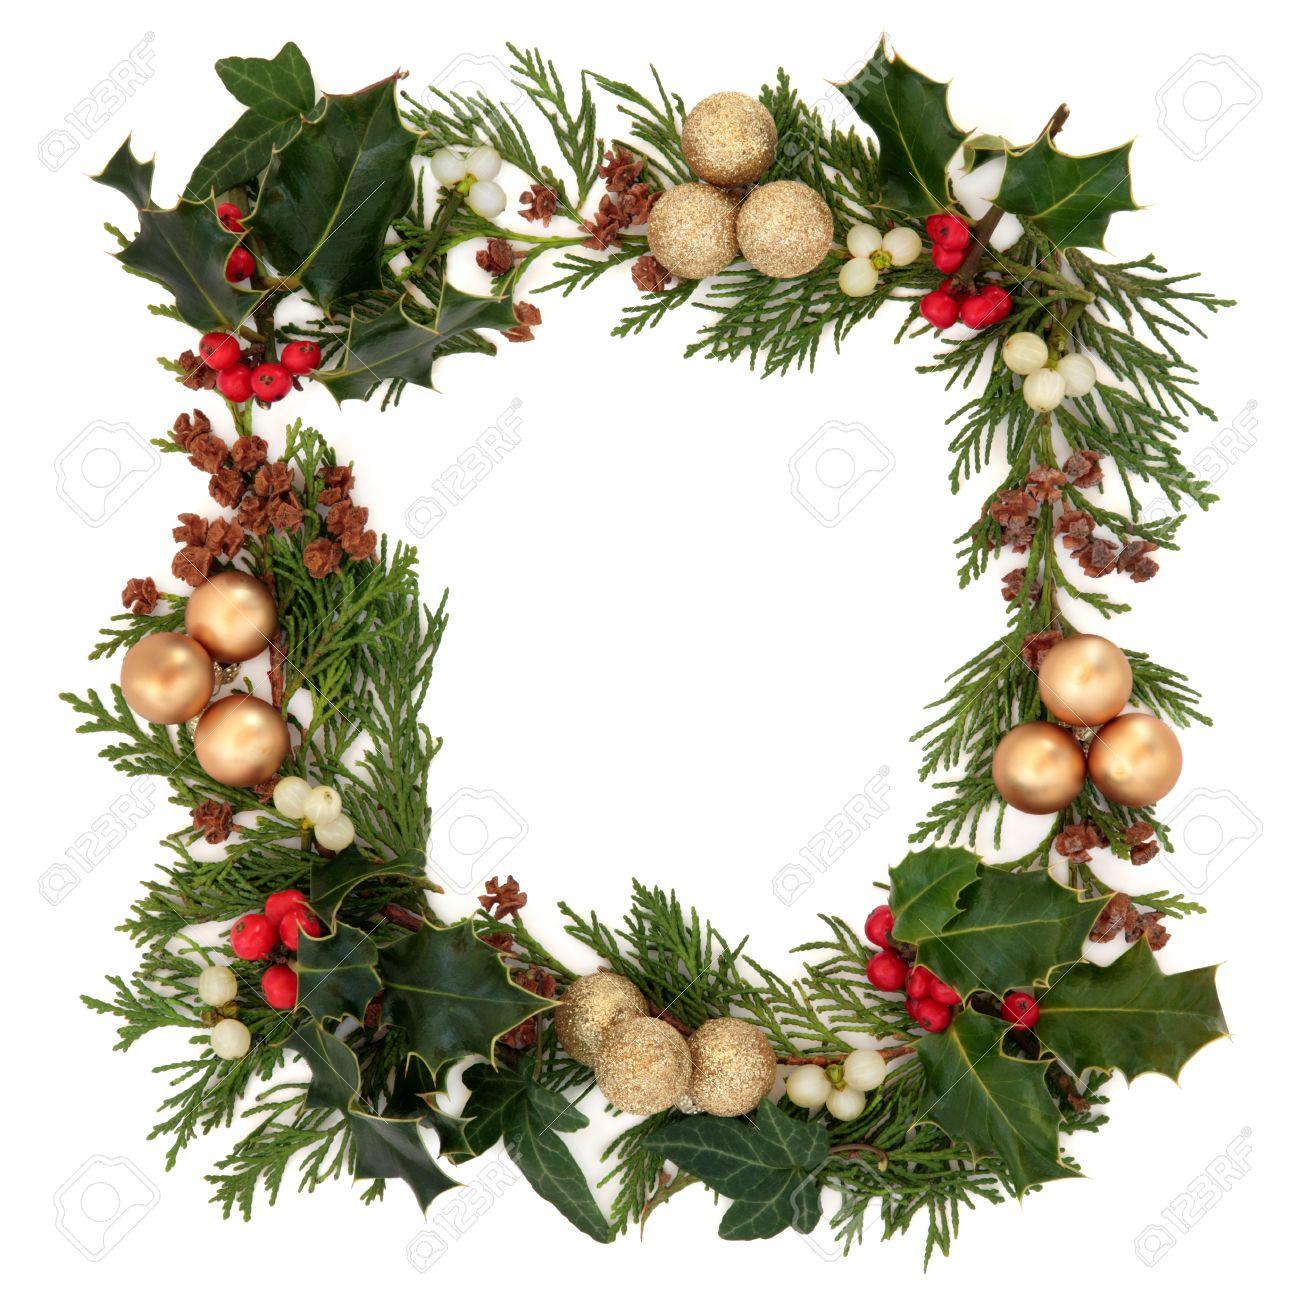 Christmas Decorative Border Of Holly, Mistletoe, Ivy, Cedar And ...